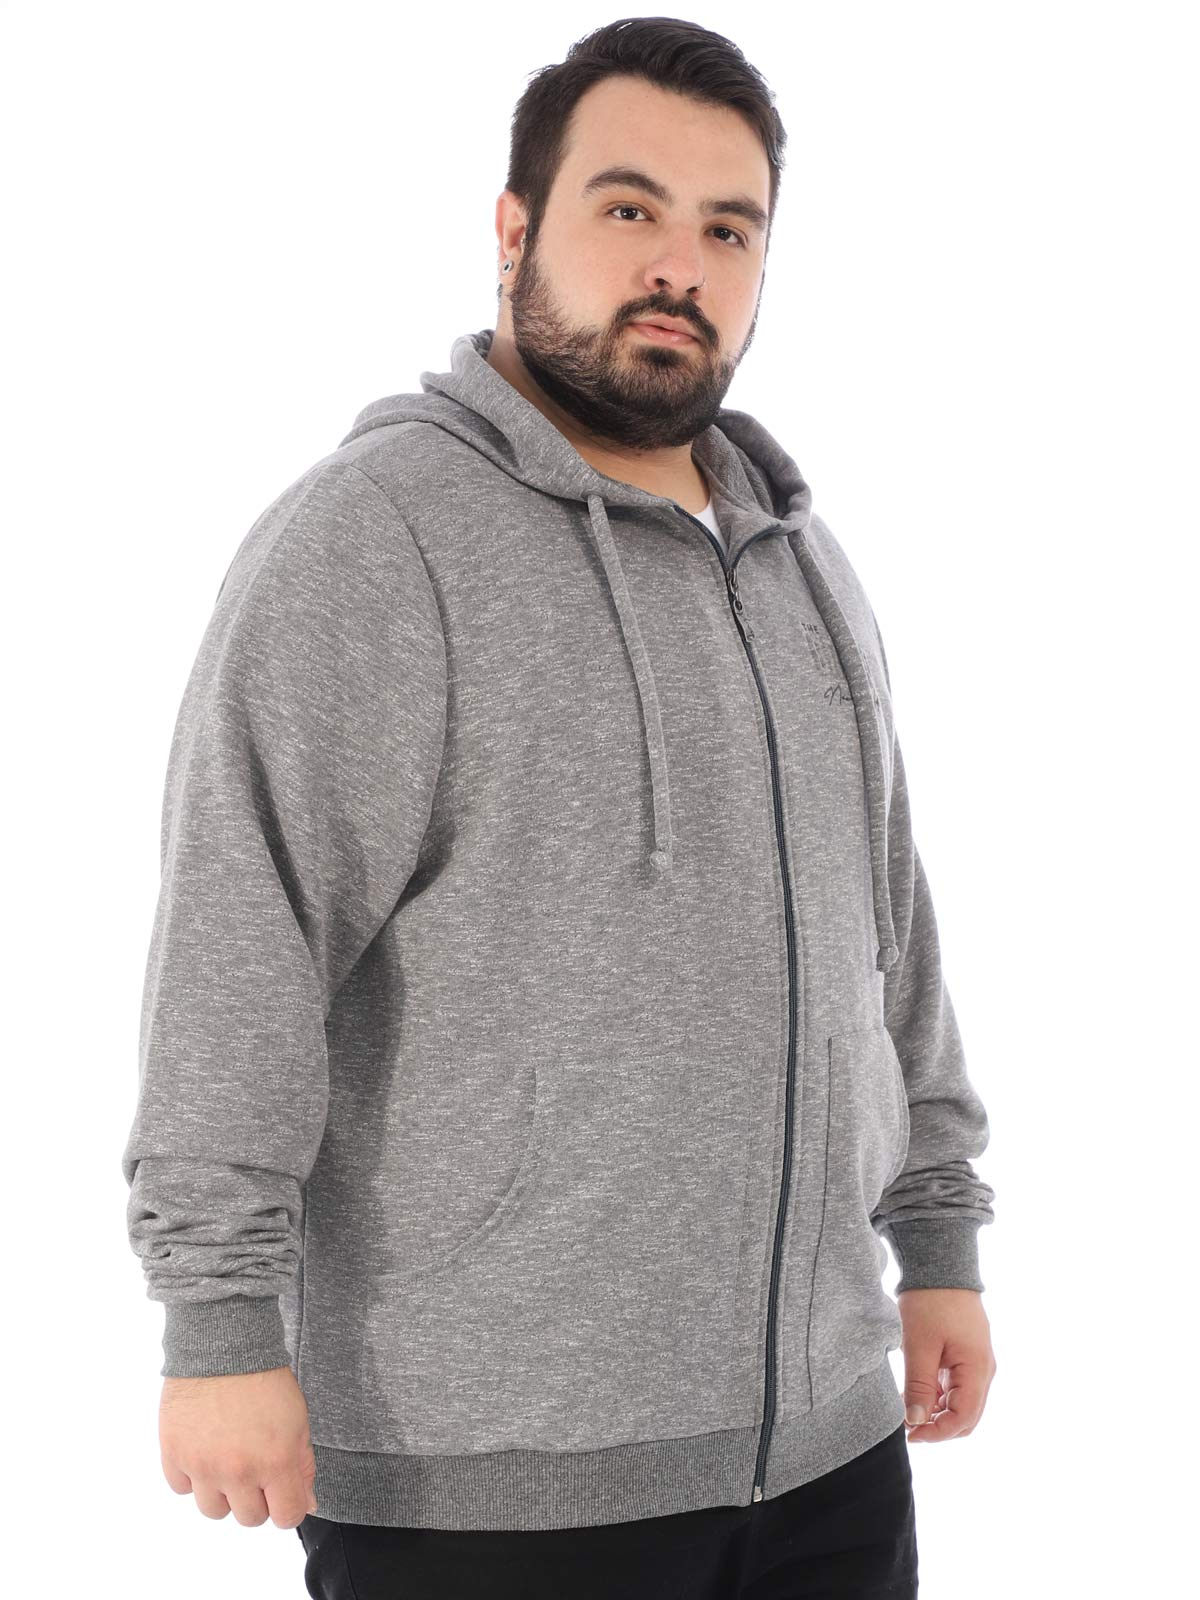 Jaqueta Plus Size Masculina De Moletom Sem Felpa Mescla